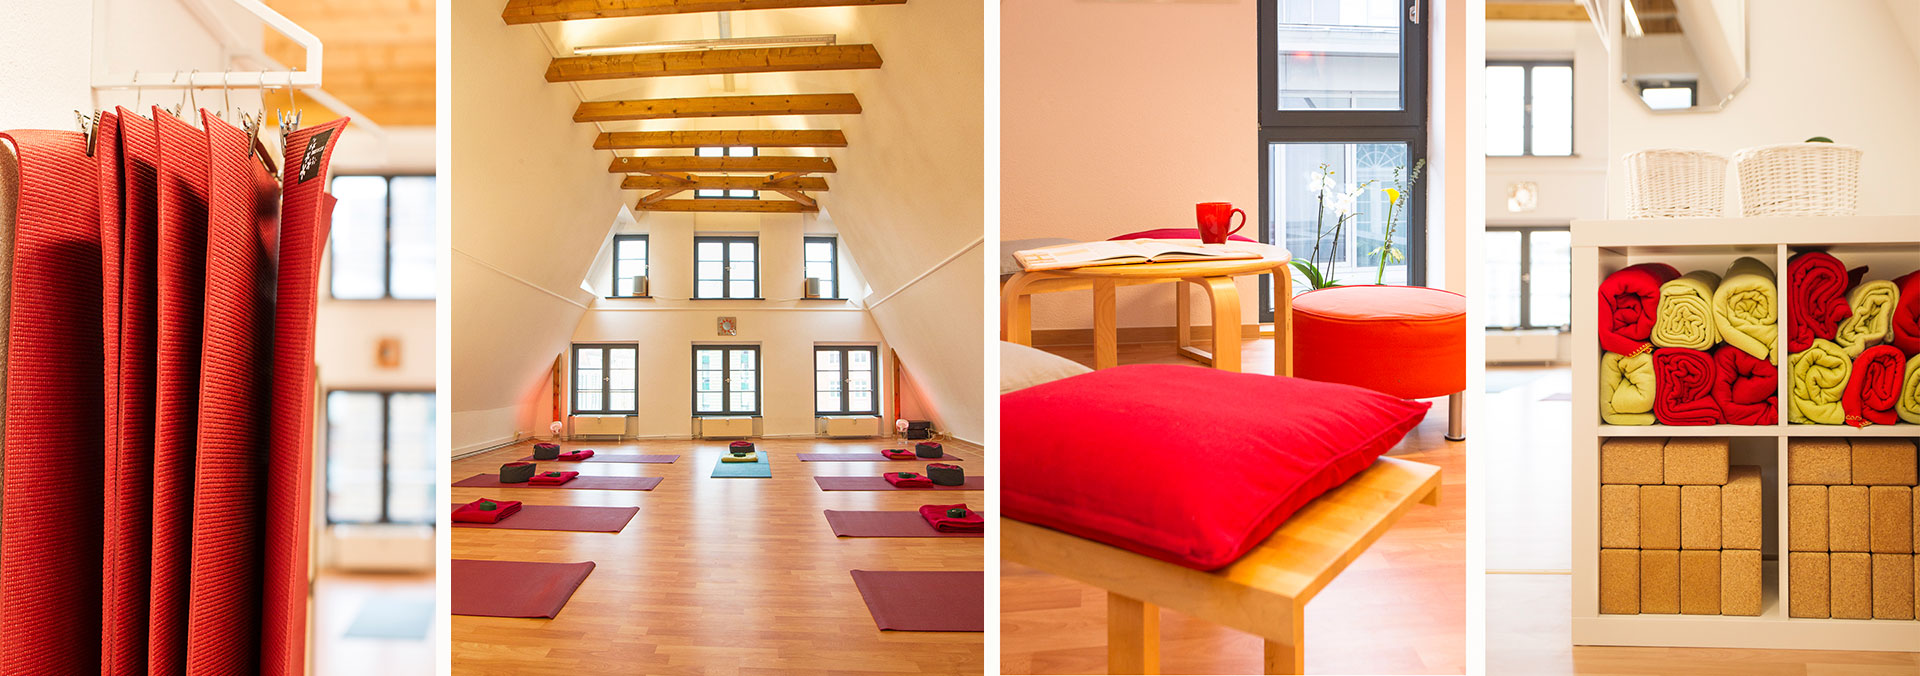 Räumlichkeiten Yogaschule Christian Bender in Rostock